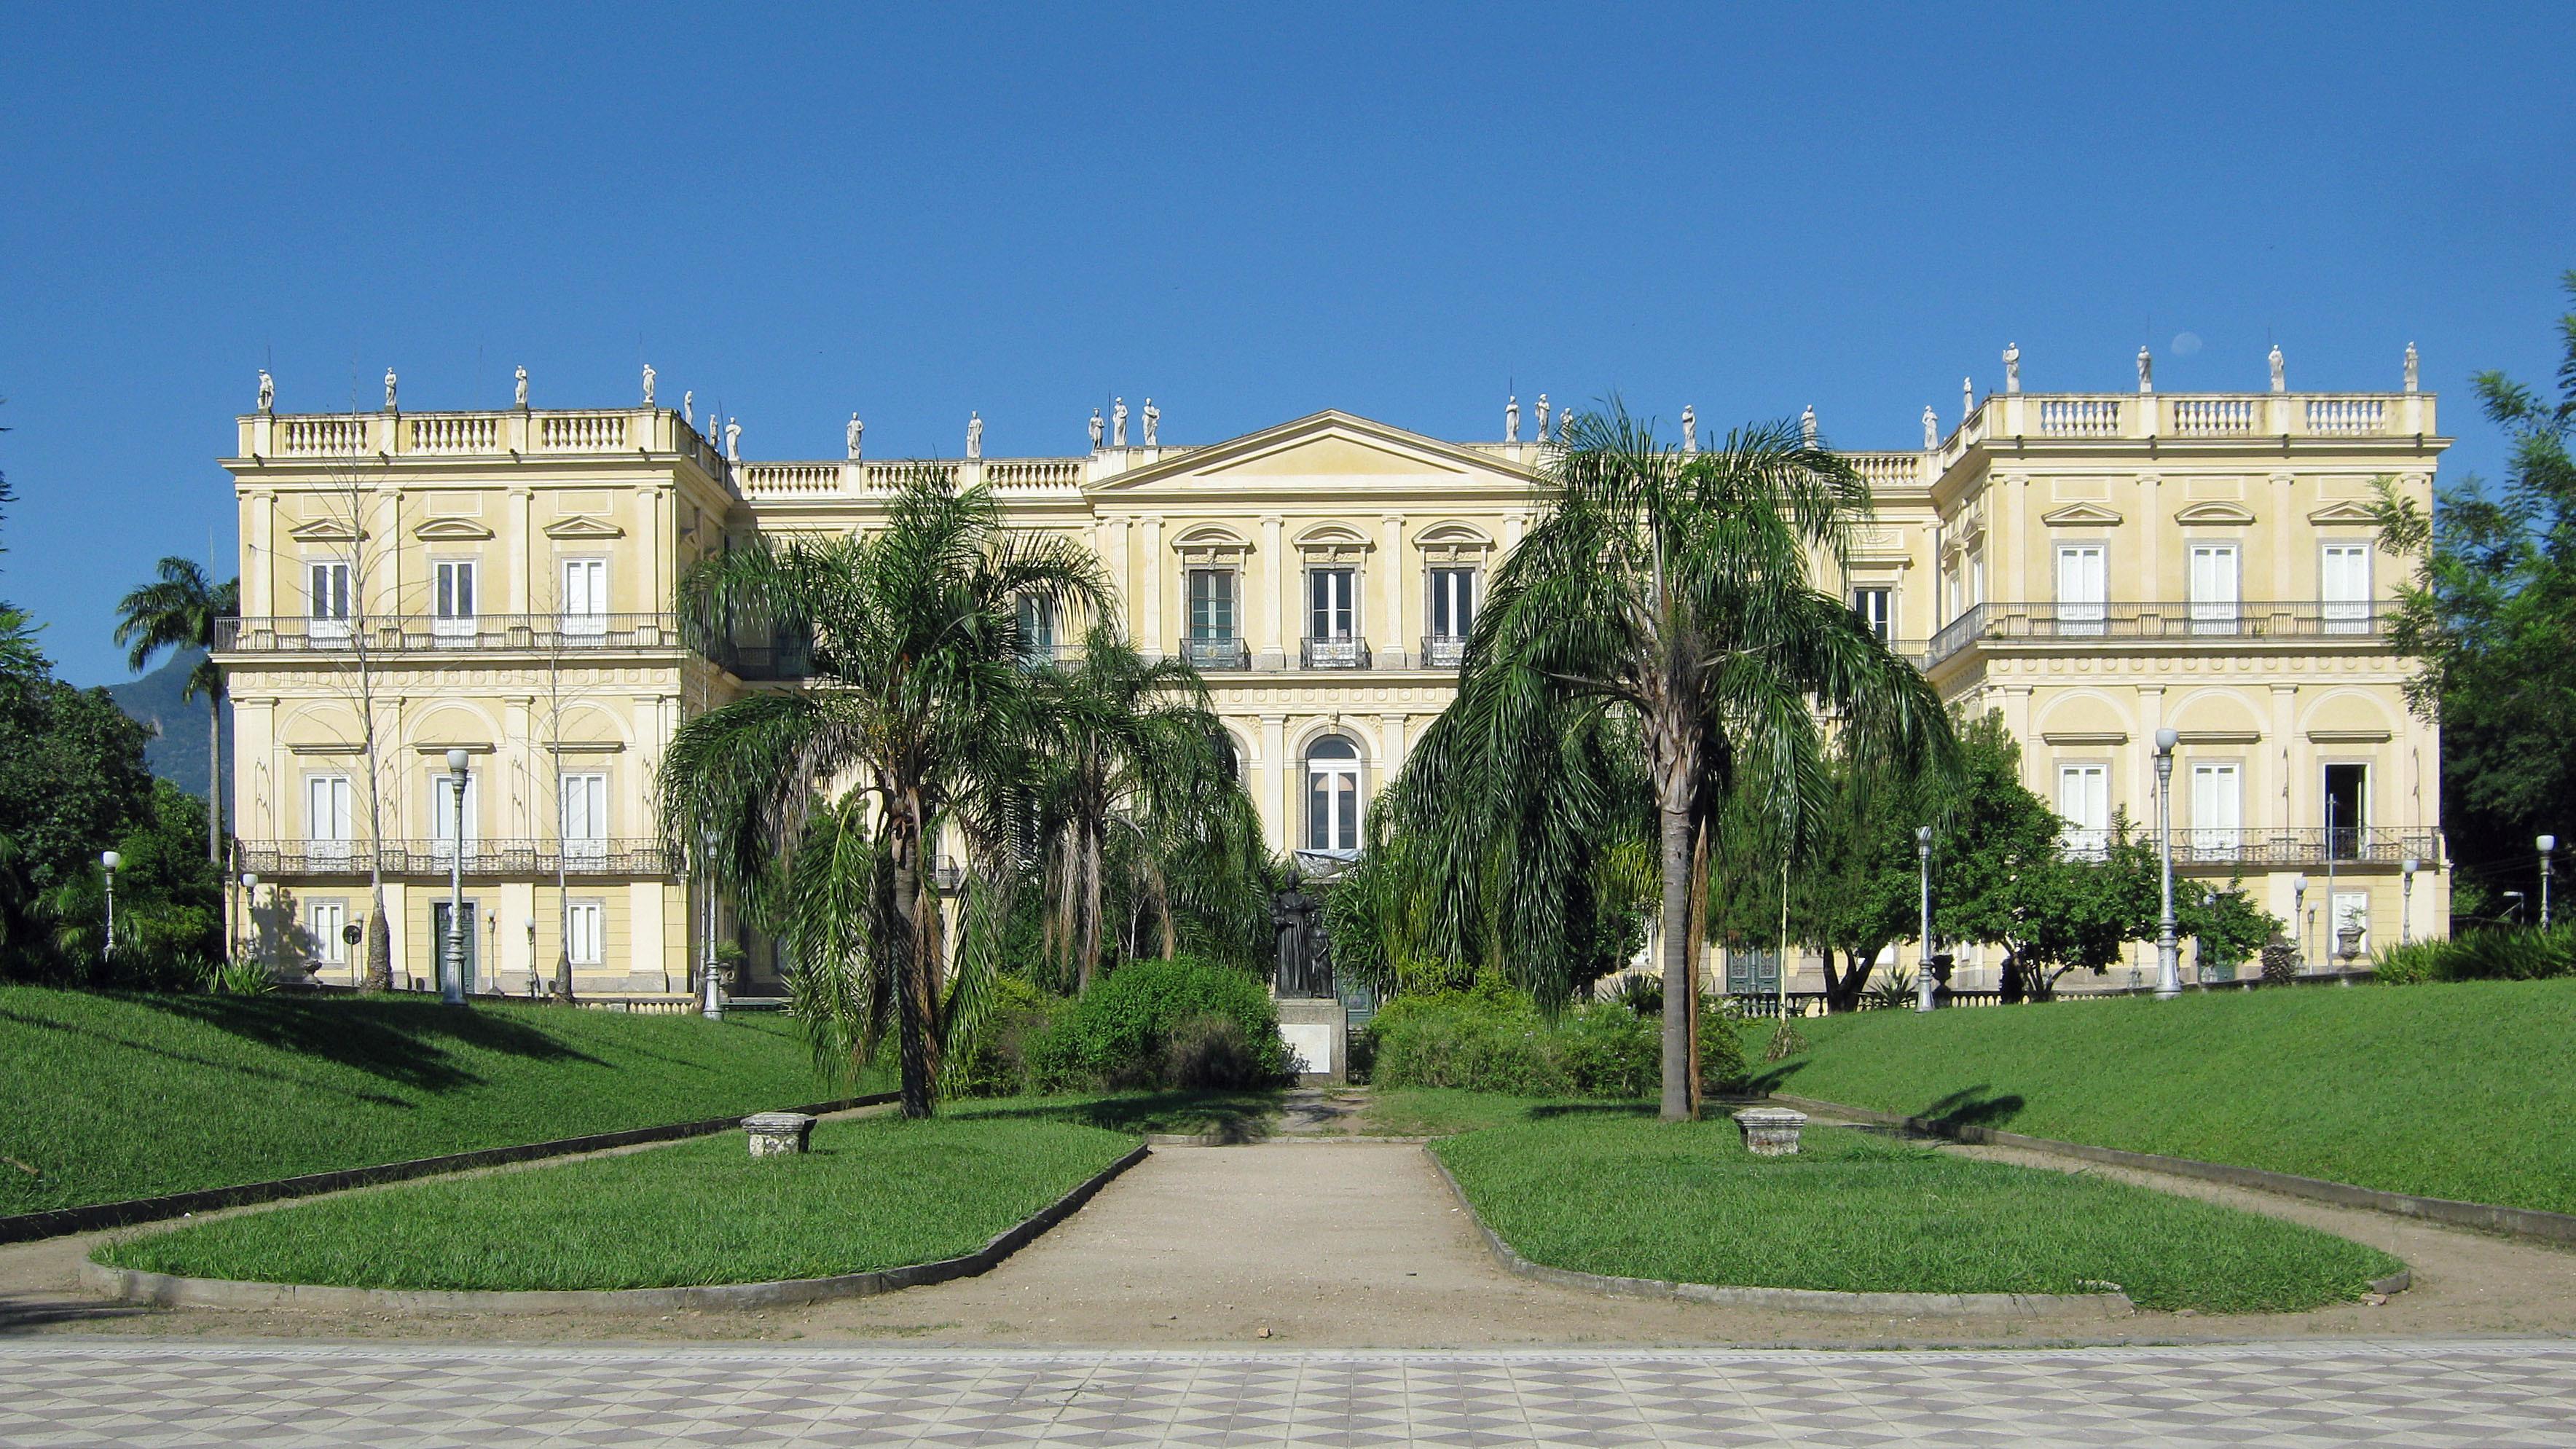 musée national de rio